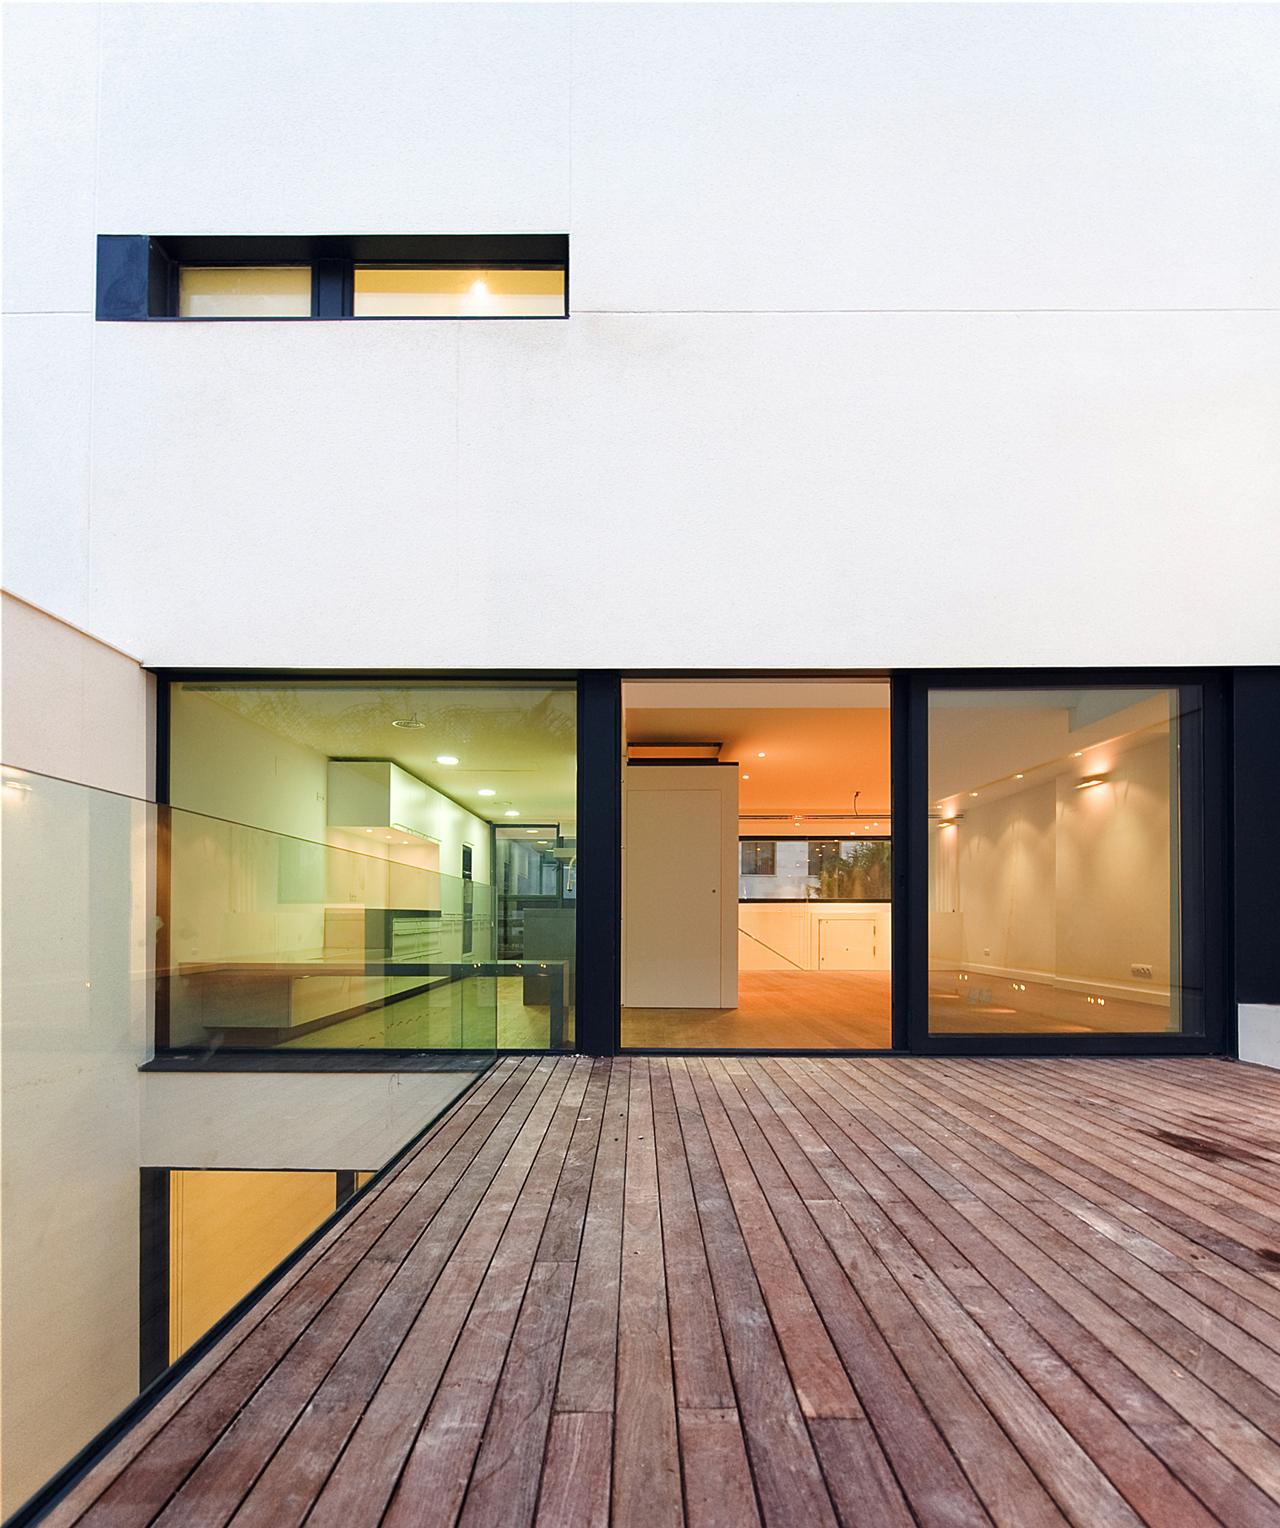 Vivienda A+0 / GEA Arquitectos, © Primeros Planos - Ignacio Marqués